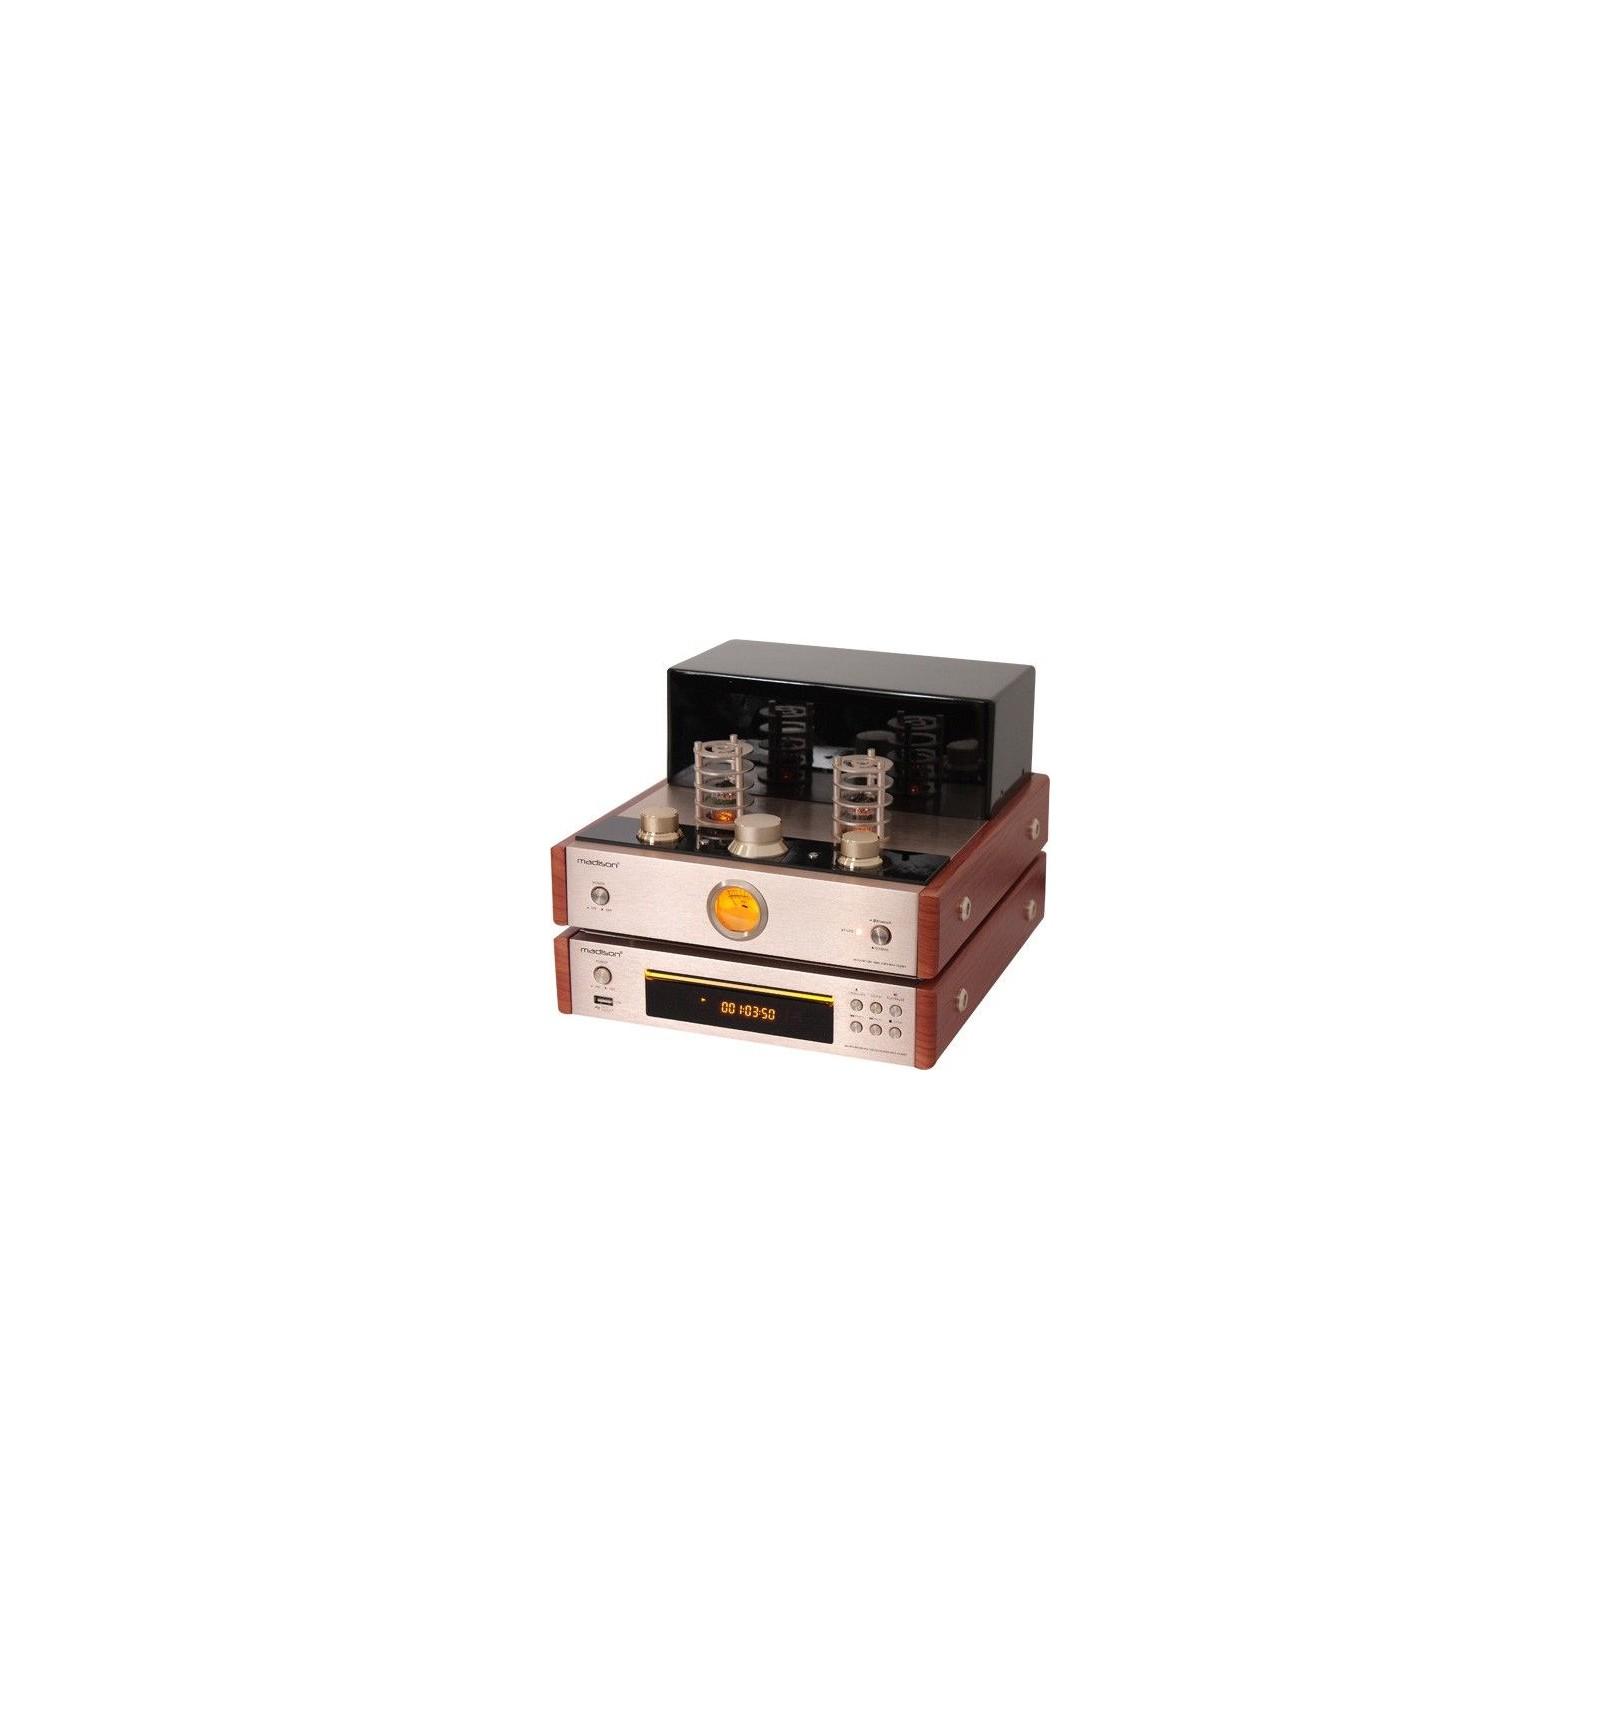 Sistemas de audio vintage en indiana